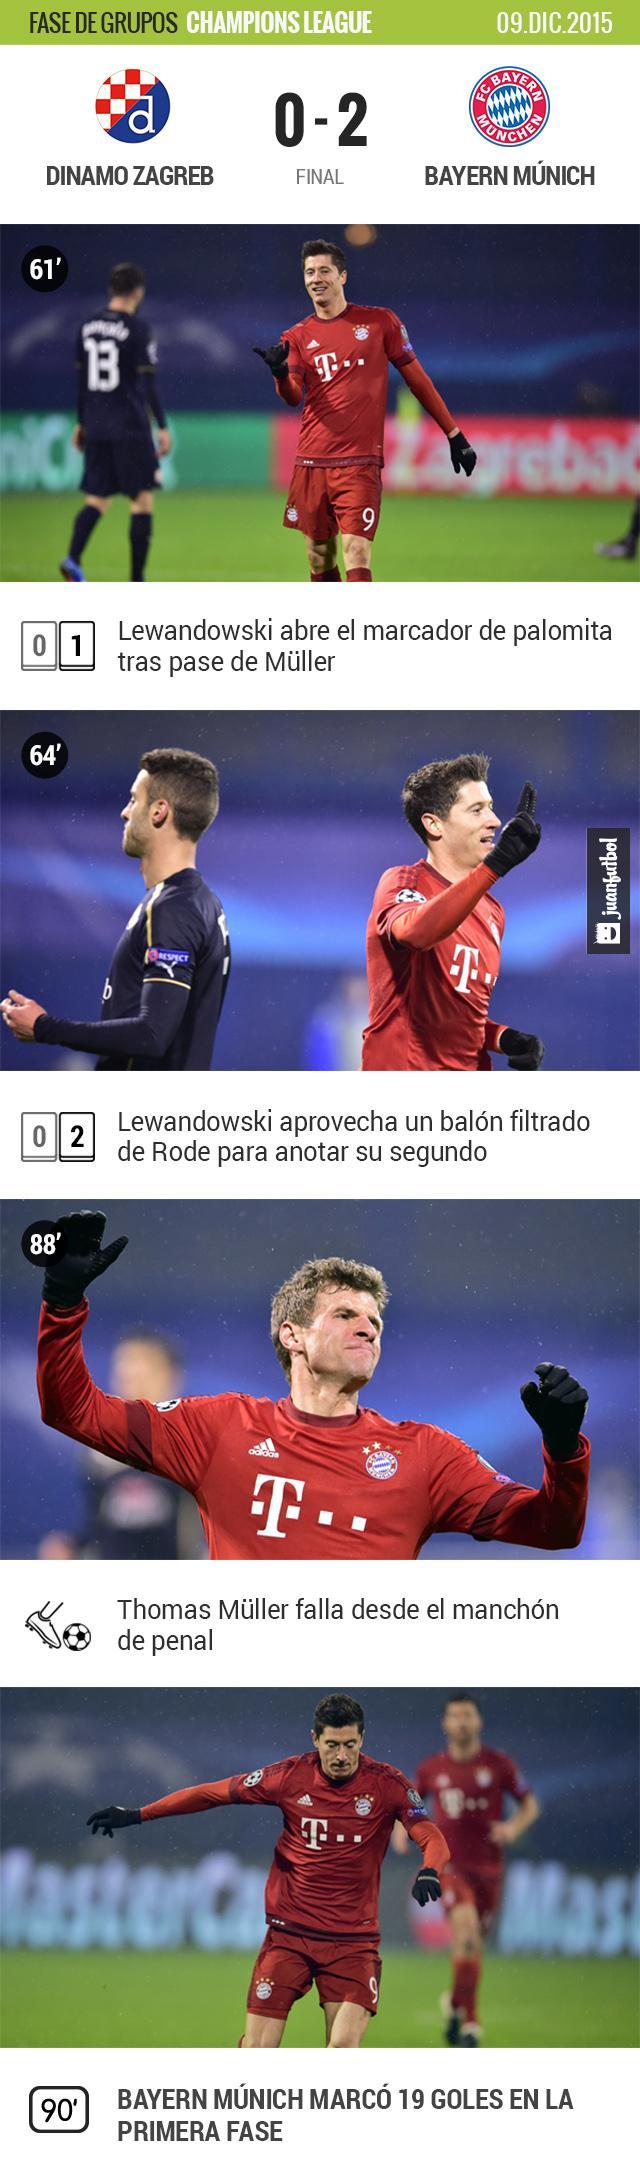 Bayern Múnich no tuvo problemas con el Dínamo Zagreb